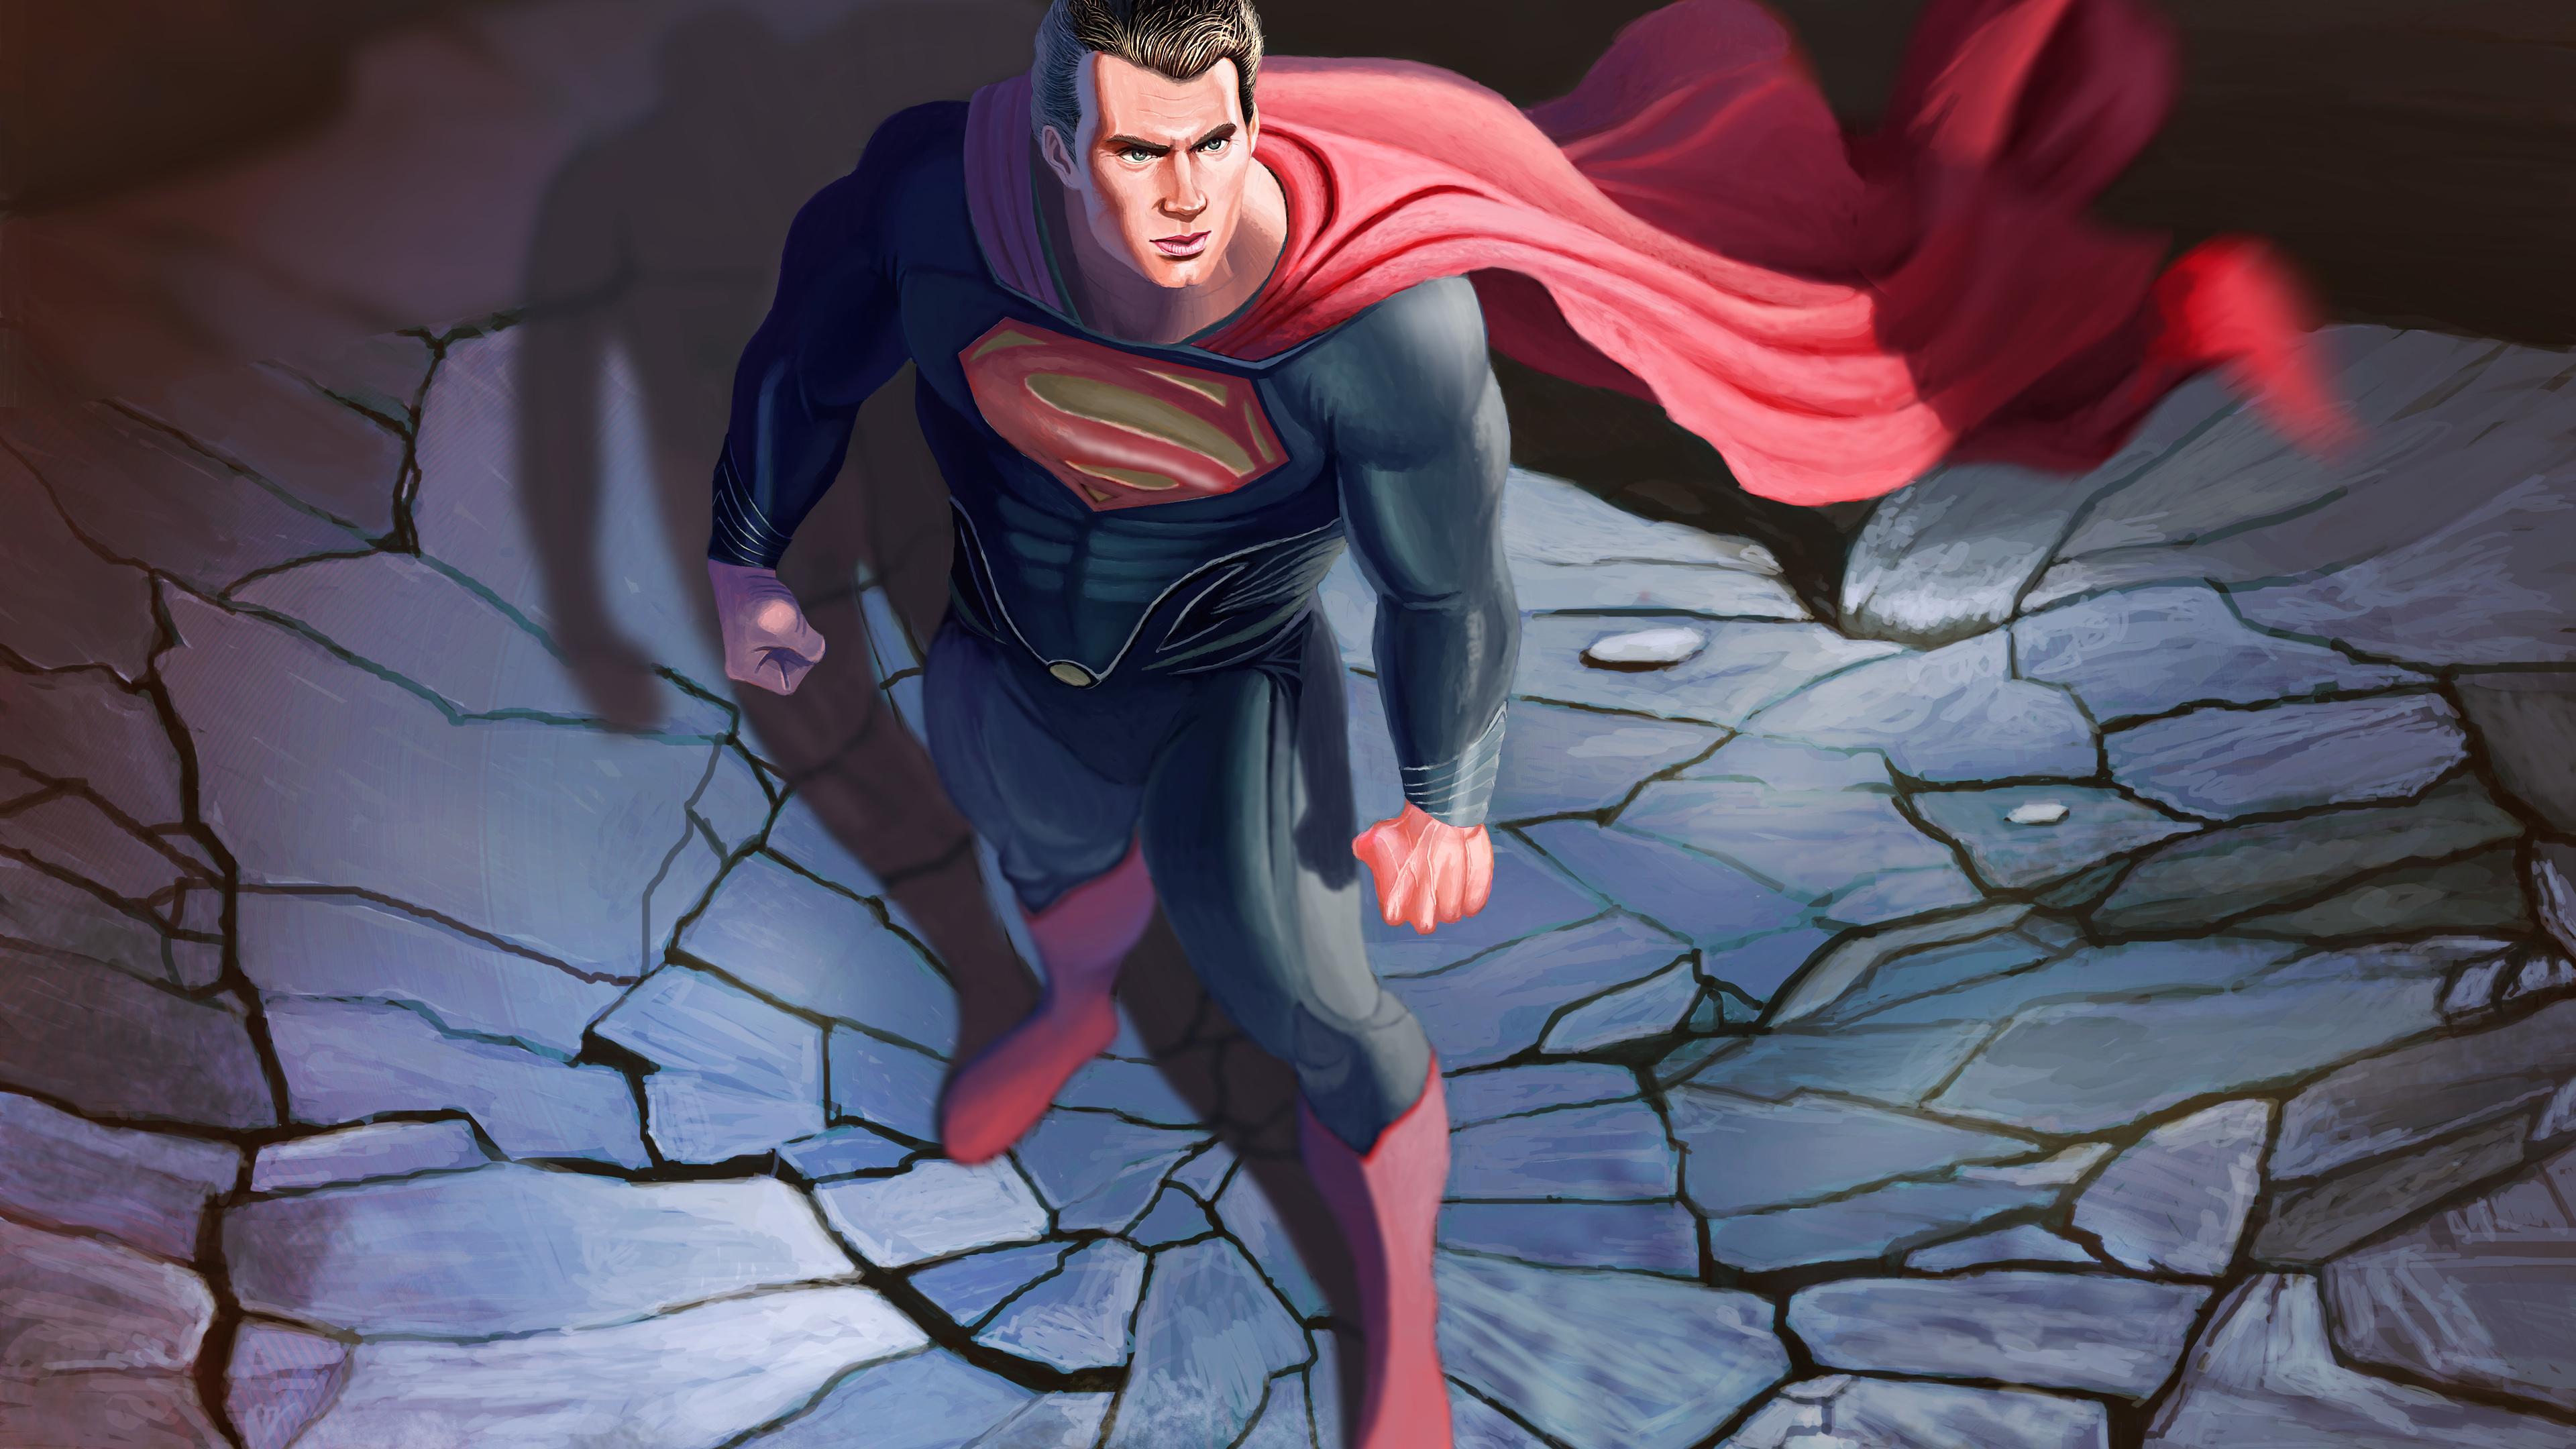 man of steel 5k artwork 1536522716 - Man Of Steel 5k Artwork - superman wallpapers, superheroes wallpapers, hd-wallpapers, digital art wallpapers, artwork wallpapers, artist wallpapers, 5k wallpapers, 4k-wallpapers